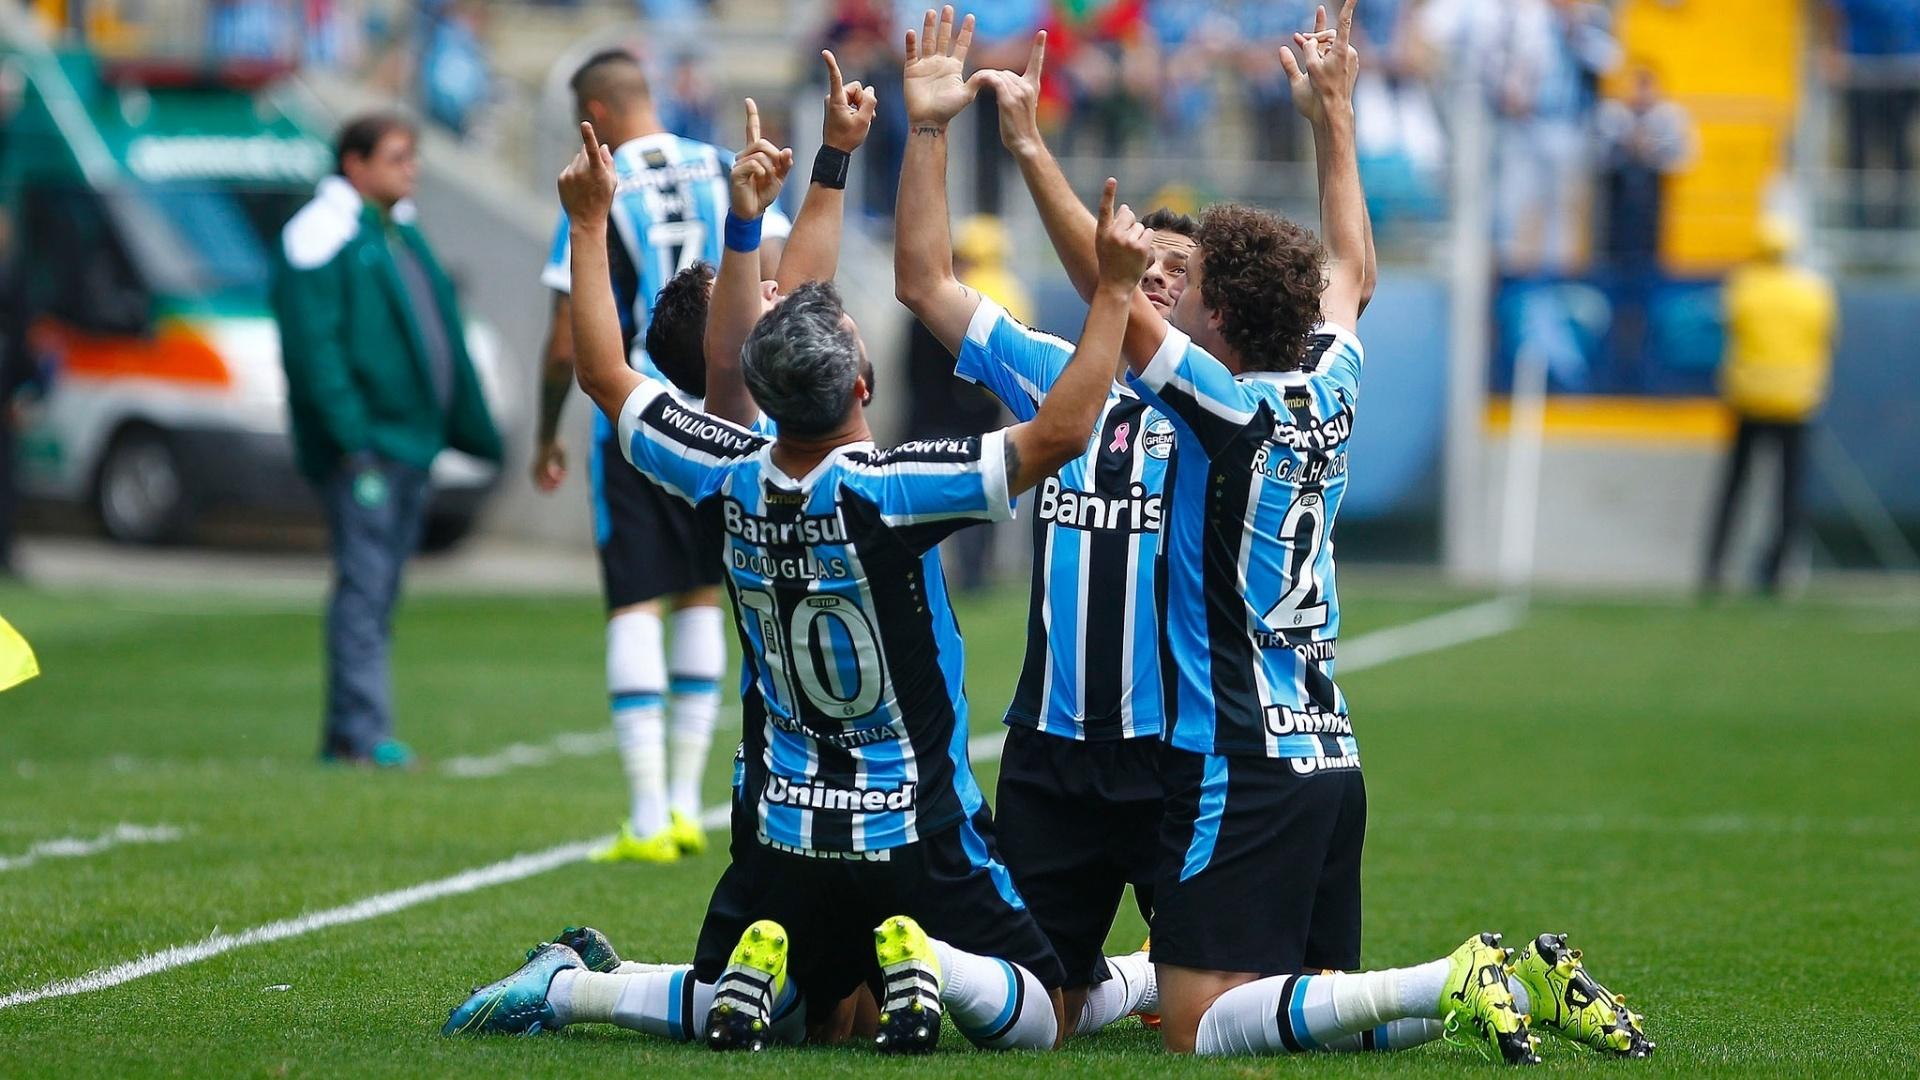 Jogadores do Grêmio comemoram gol contra a Chapecoense, na Arena Grêmio